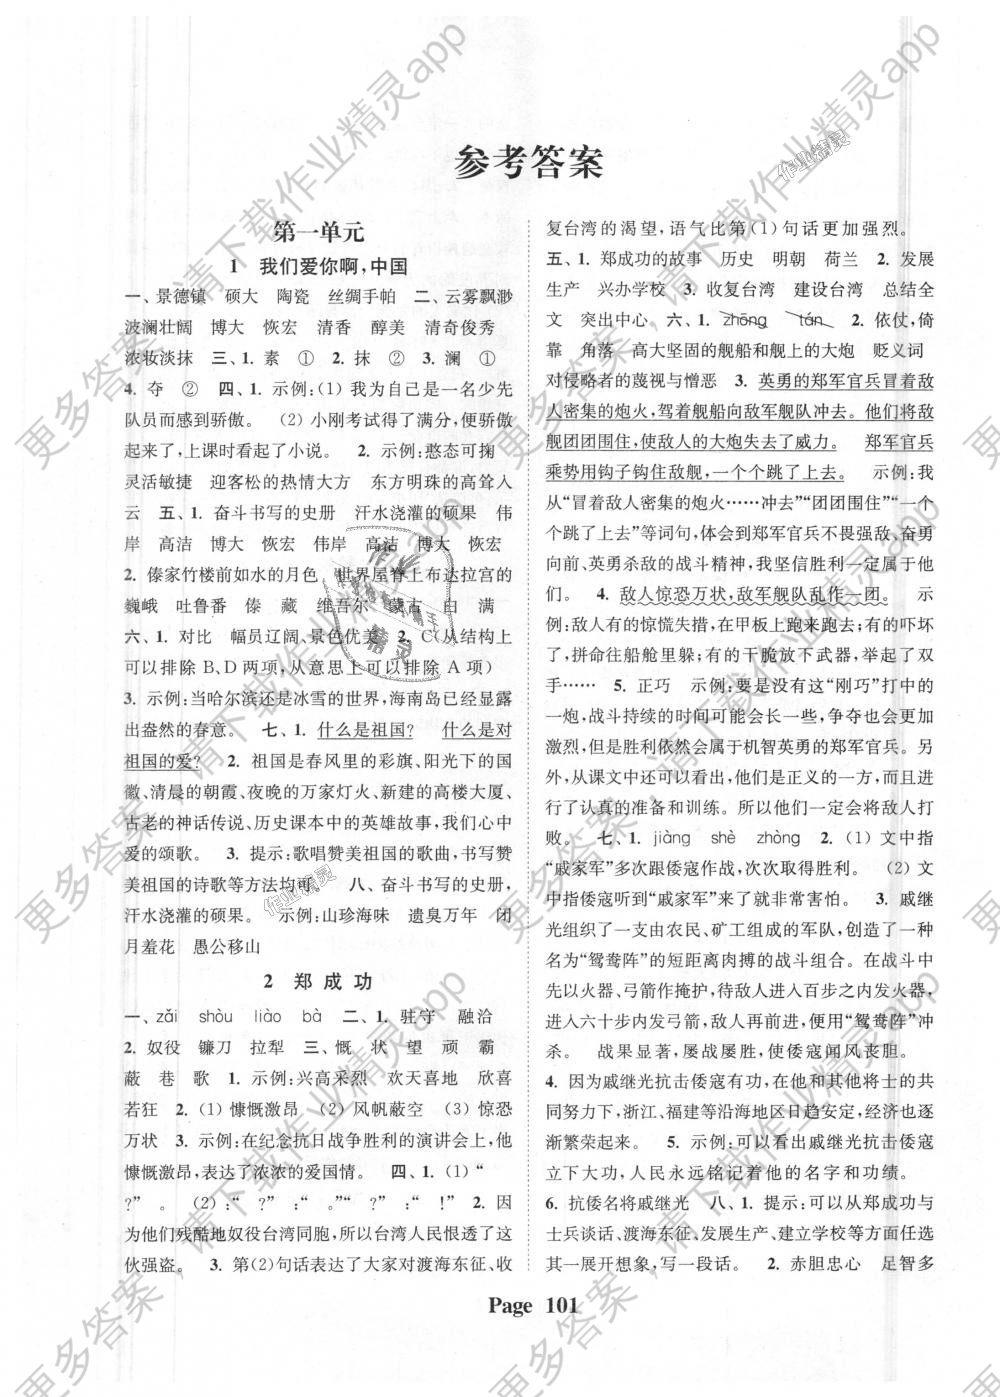 2018年通城学典课时新体验六年级语文上册江苏版 第1页